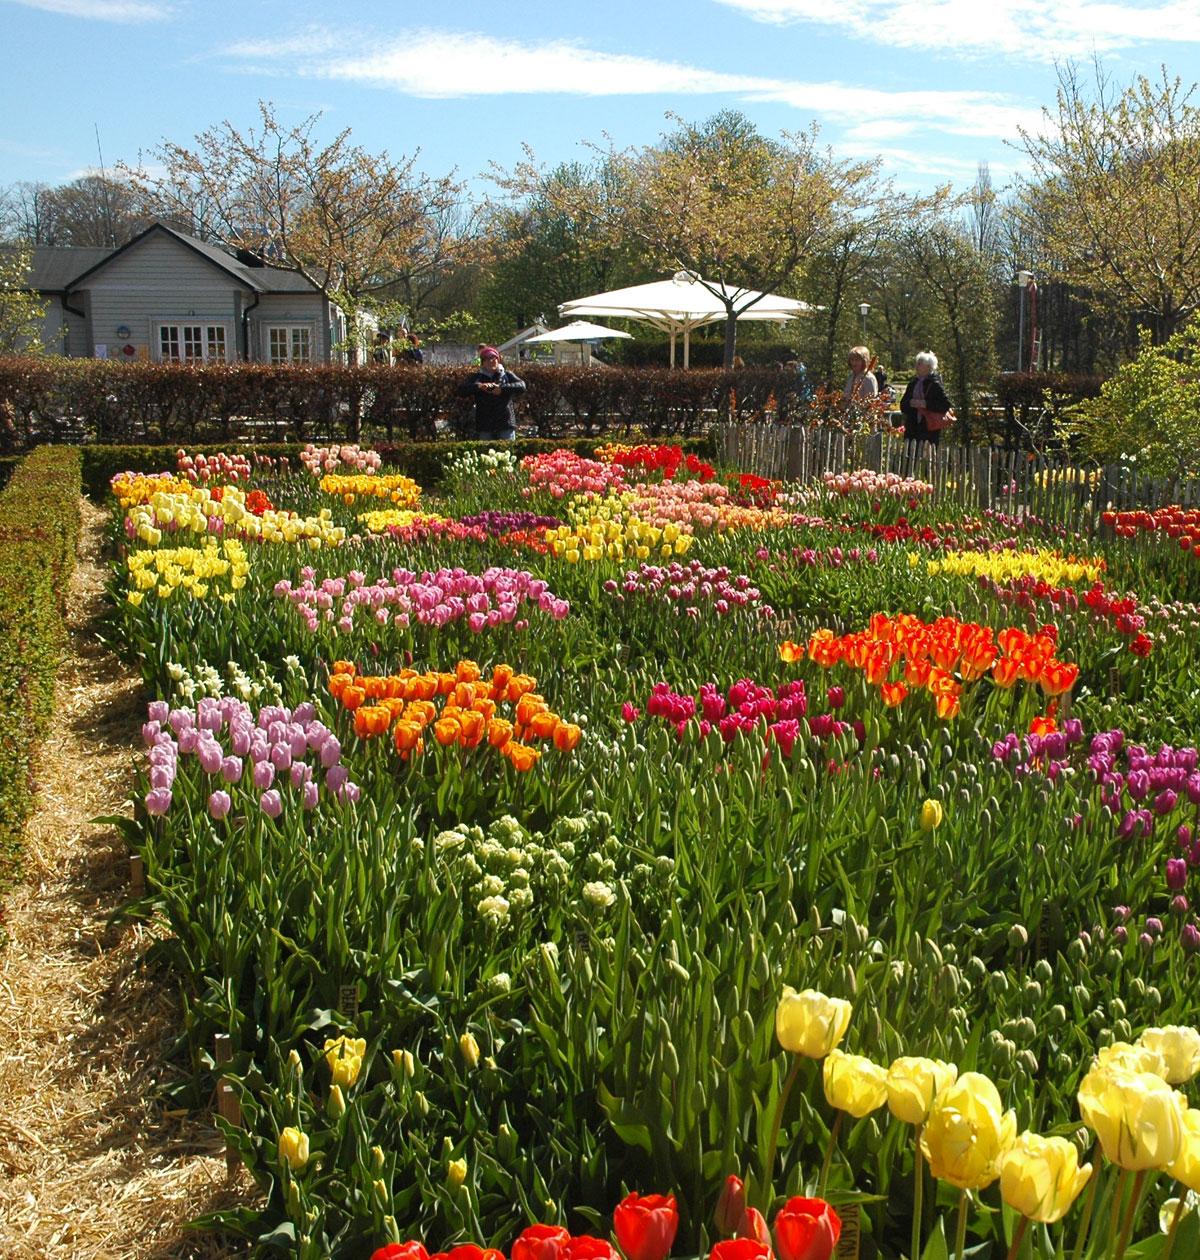 Slottsträdgården fremviste 140 sorter af tulipaner.